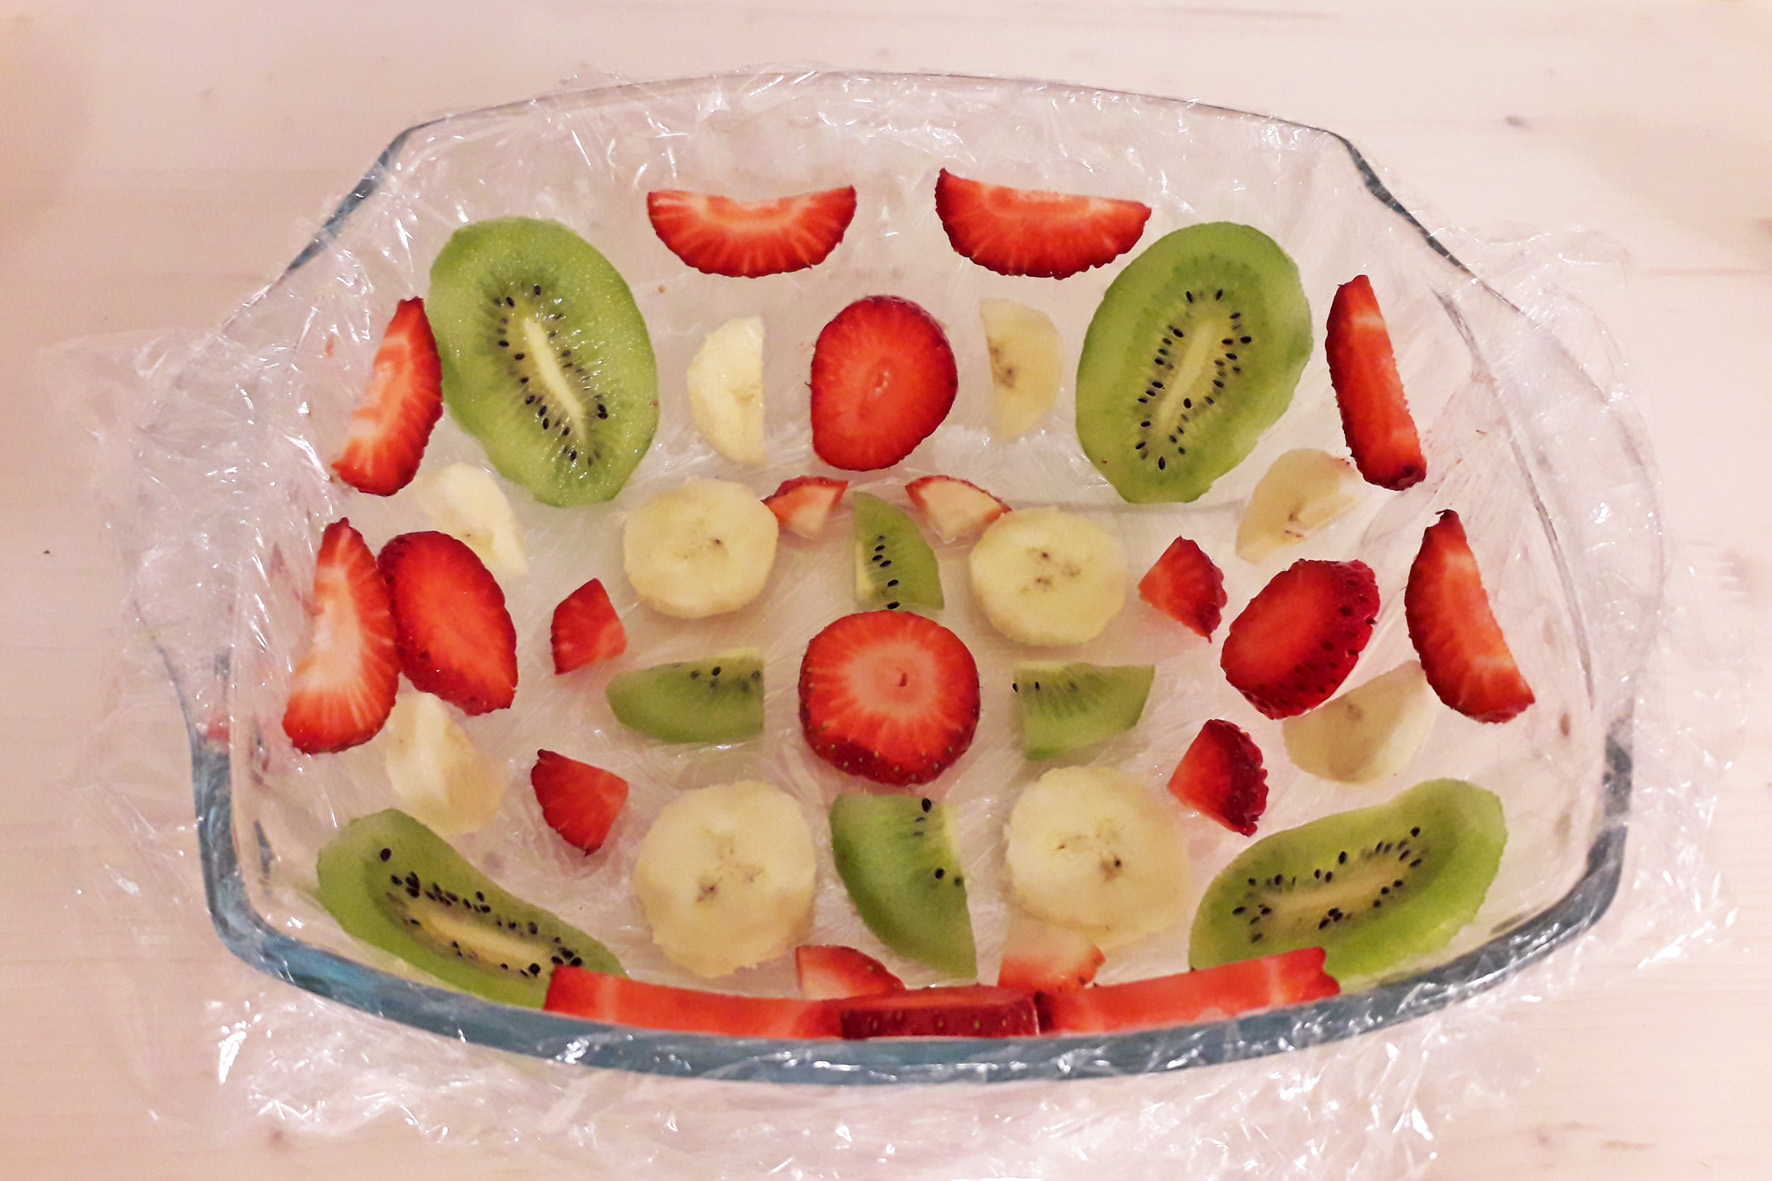 порезанные фрукты в форме